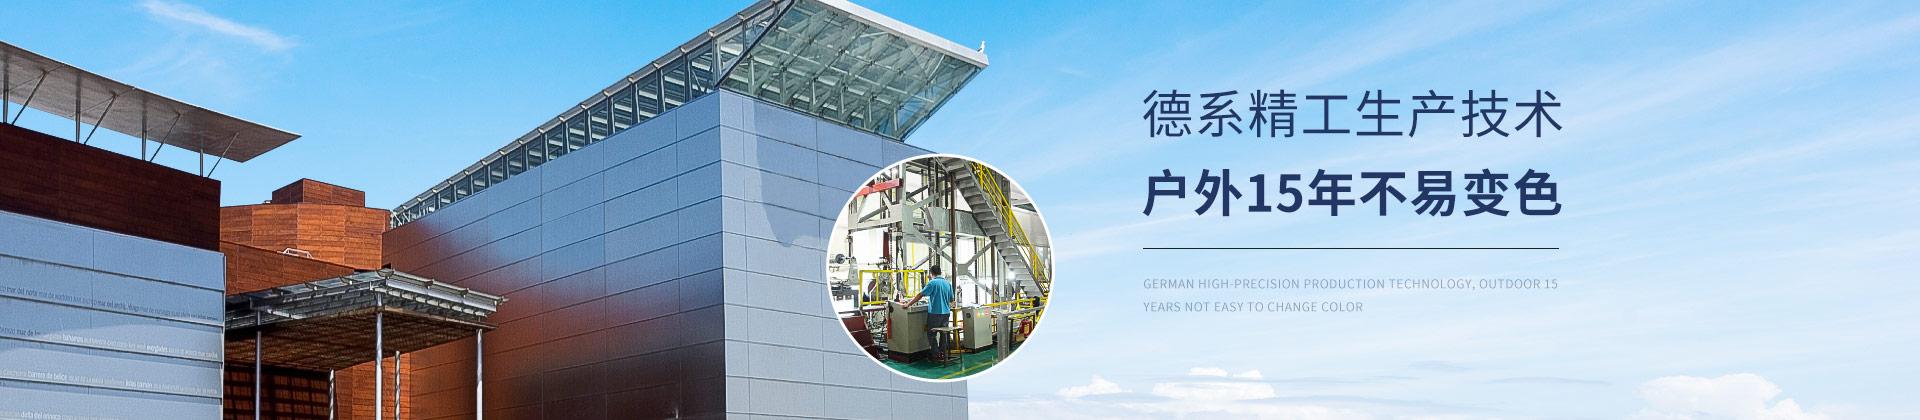 中沪世业铝方管德系高精生产技术